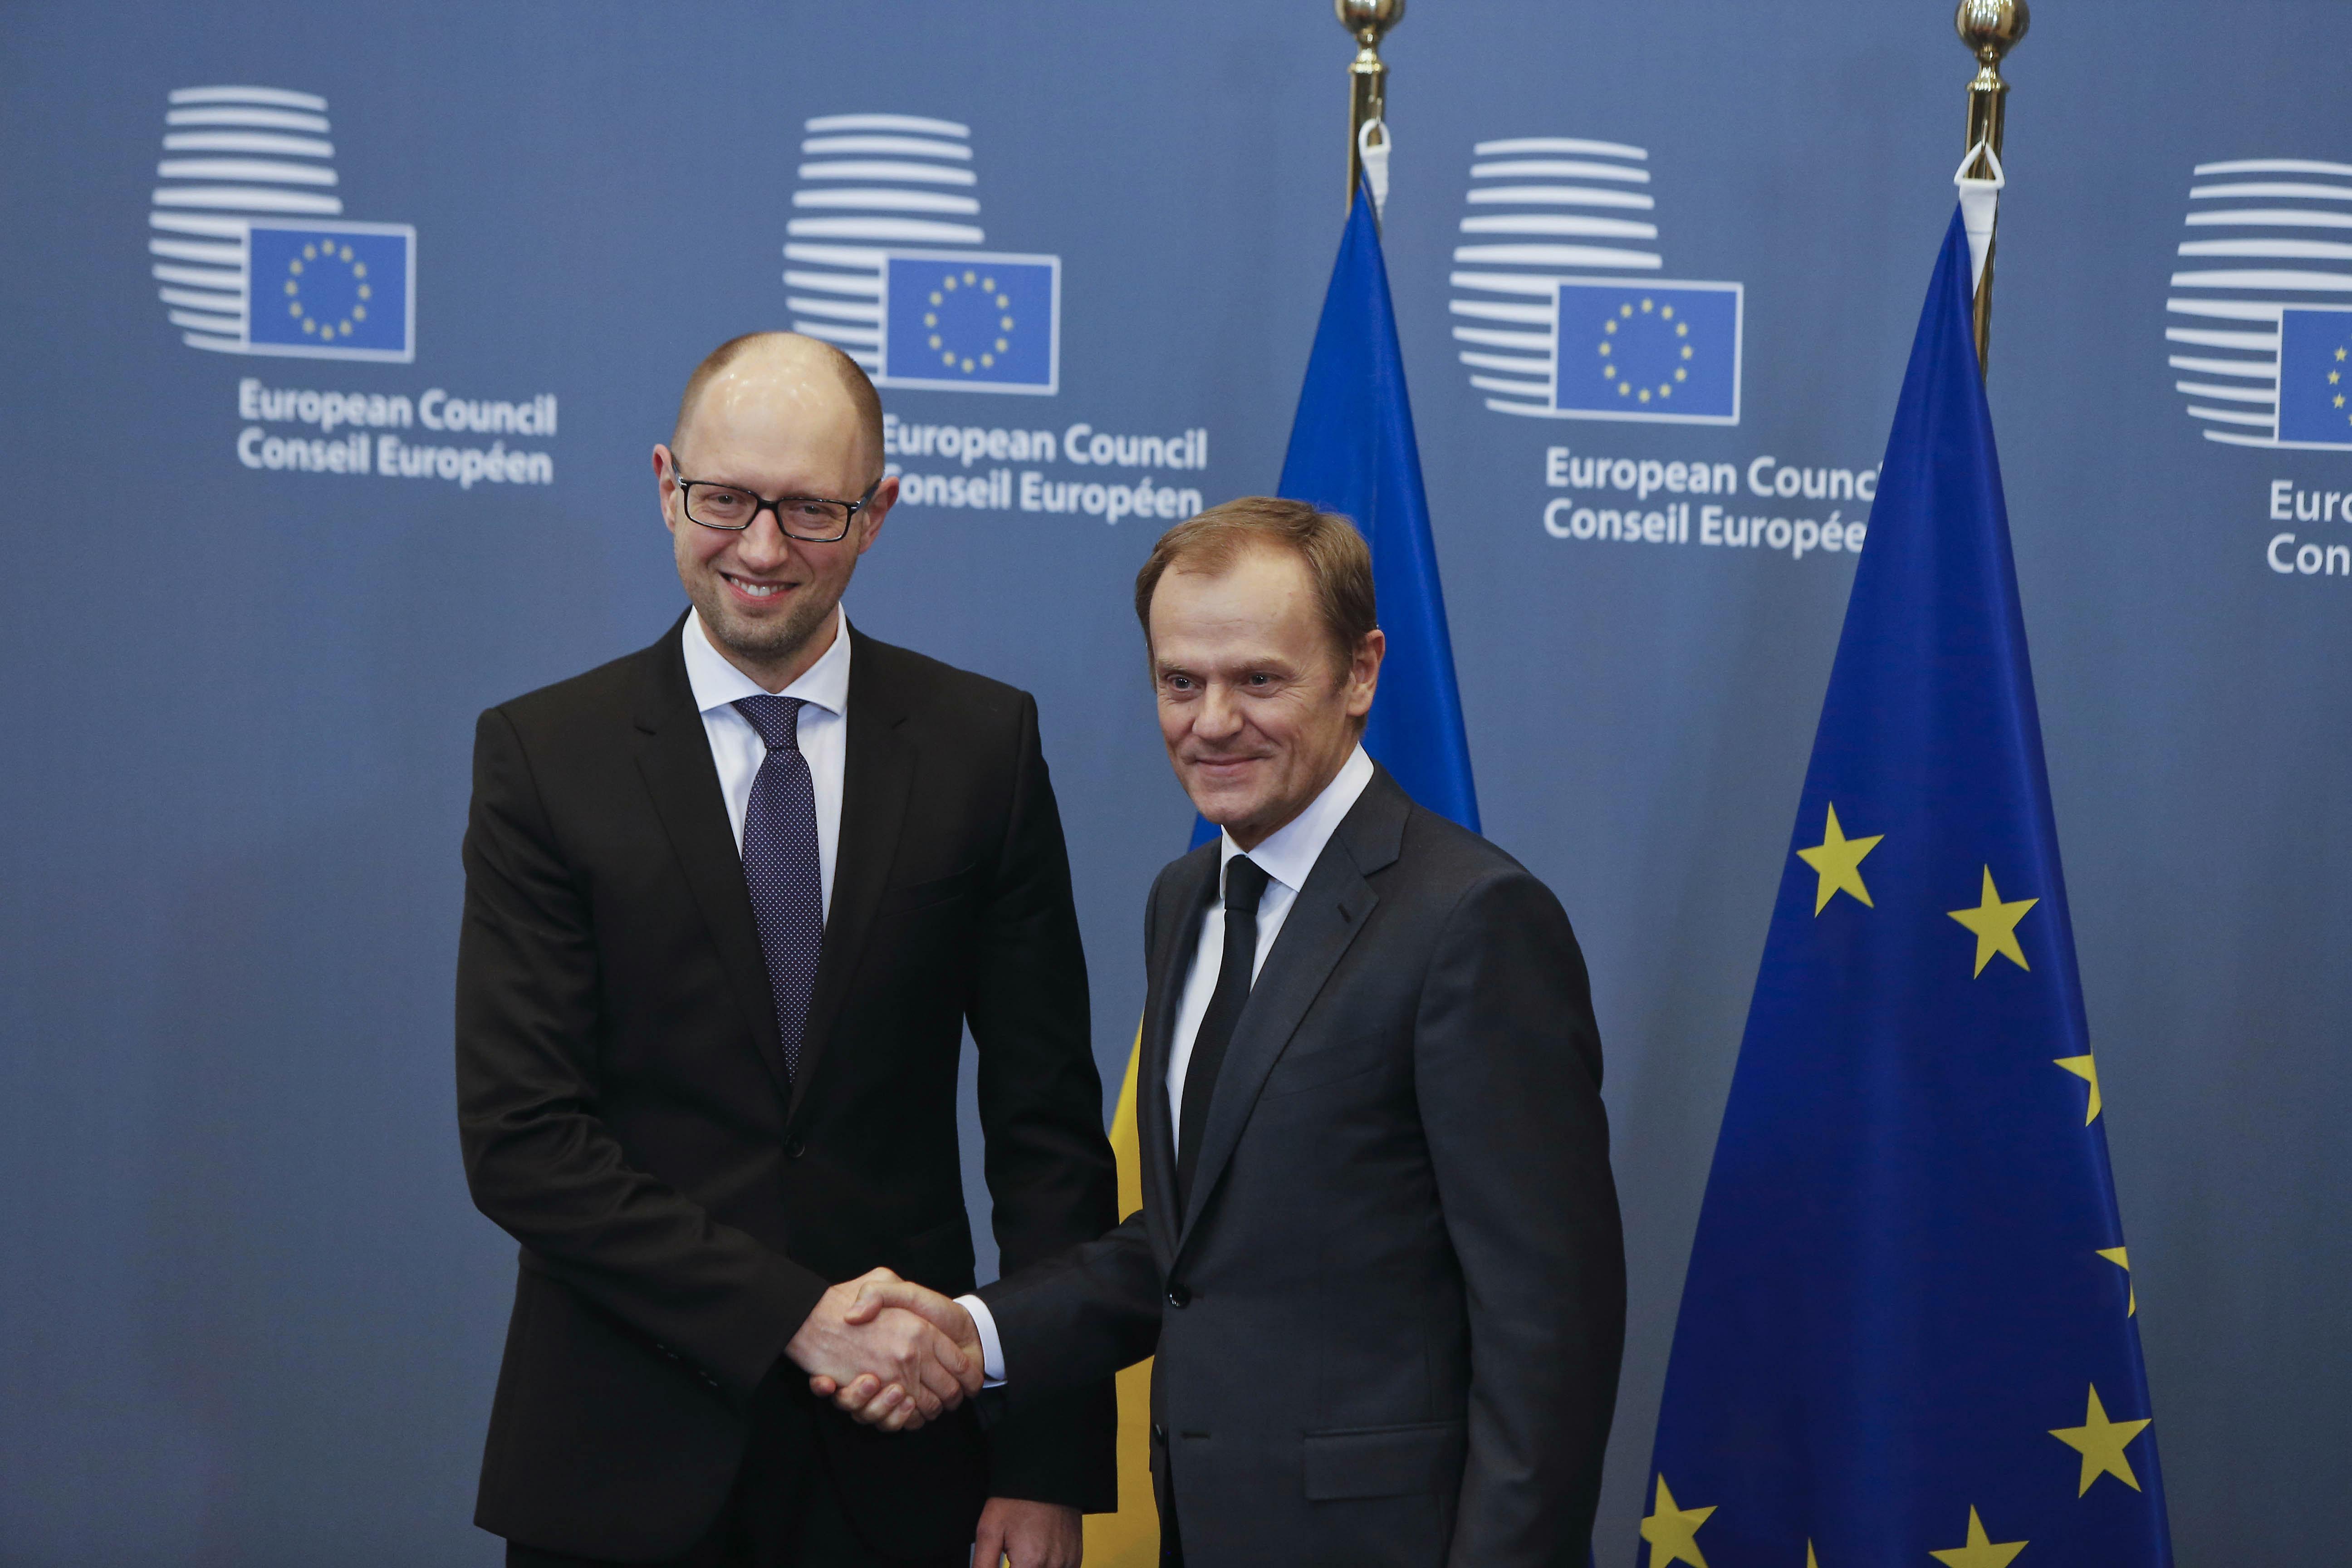 Председатель Европейского совета Дональд Туск и премьер-министр украины Арсений Яценюк